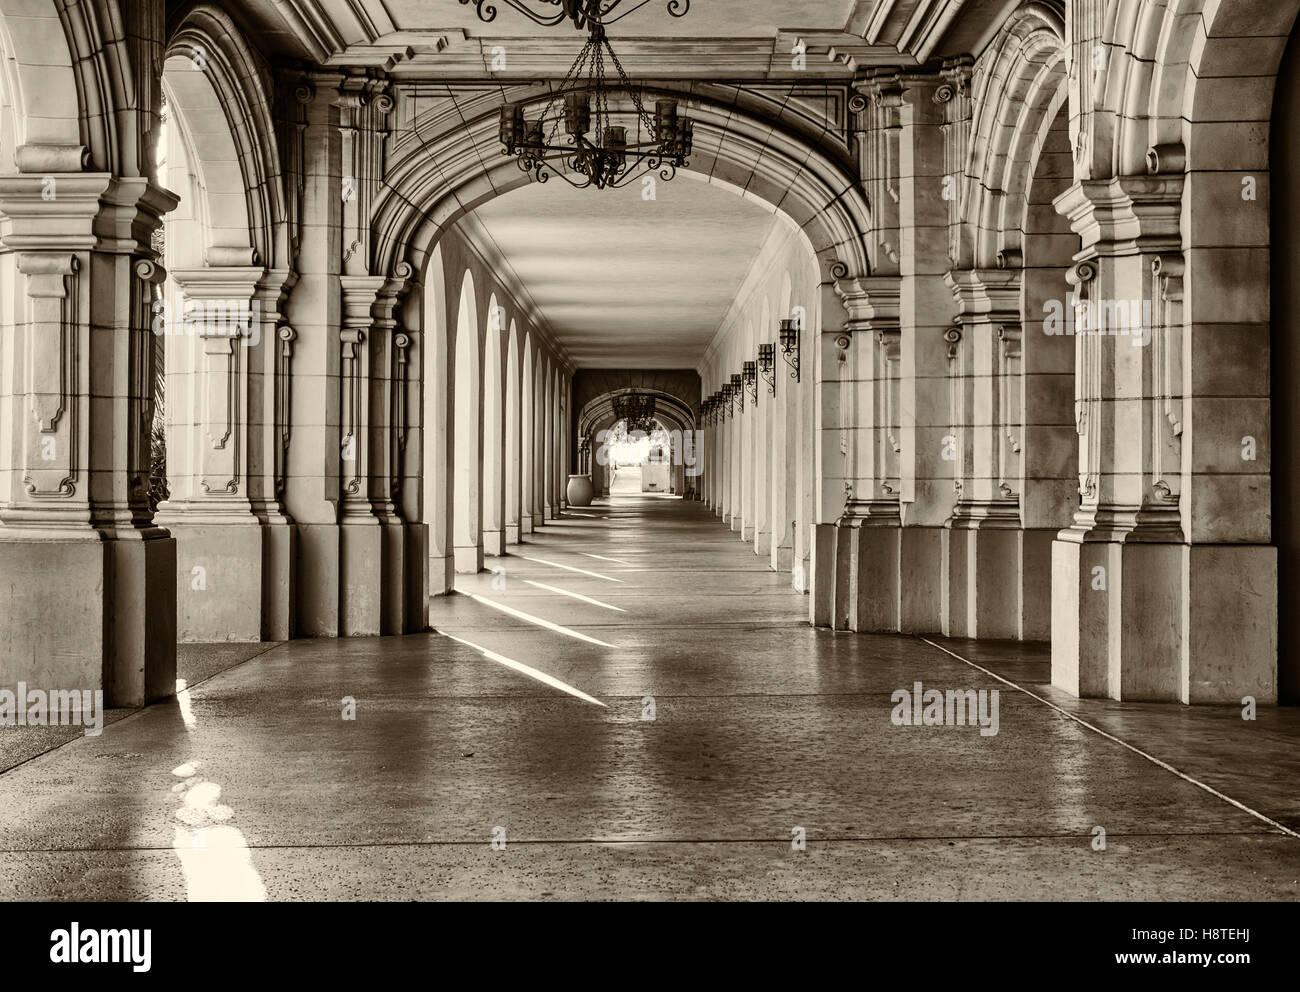 Arquitectura histórica y el paseo en el parque Balboa. San Diego, California, Estados Unidos. Imagen De Stock